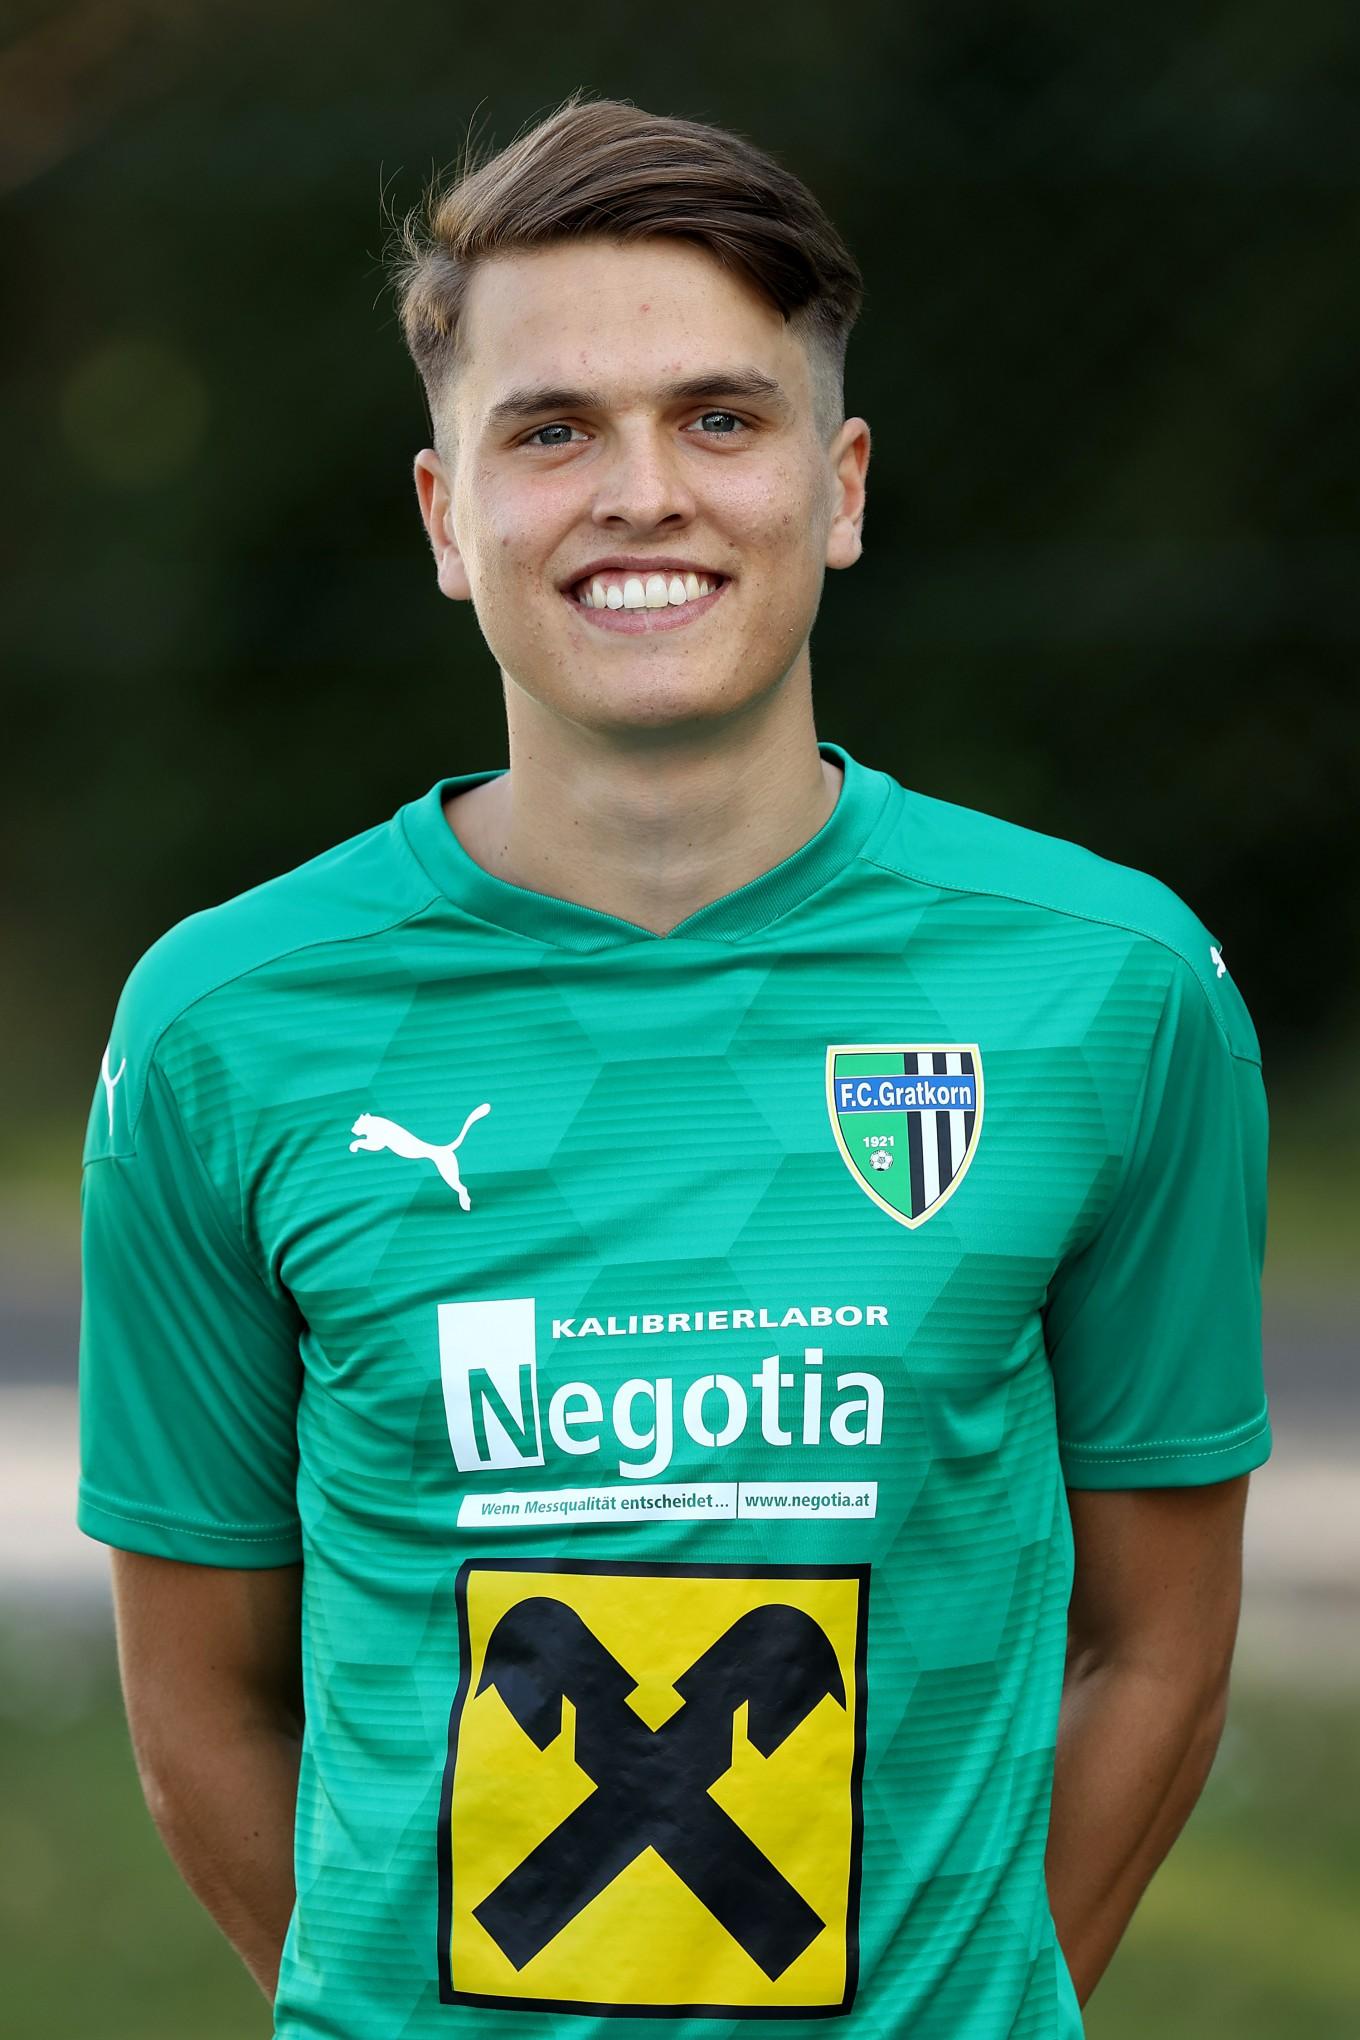 Ingo Berger, FC Gratkorn KM1